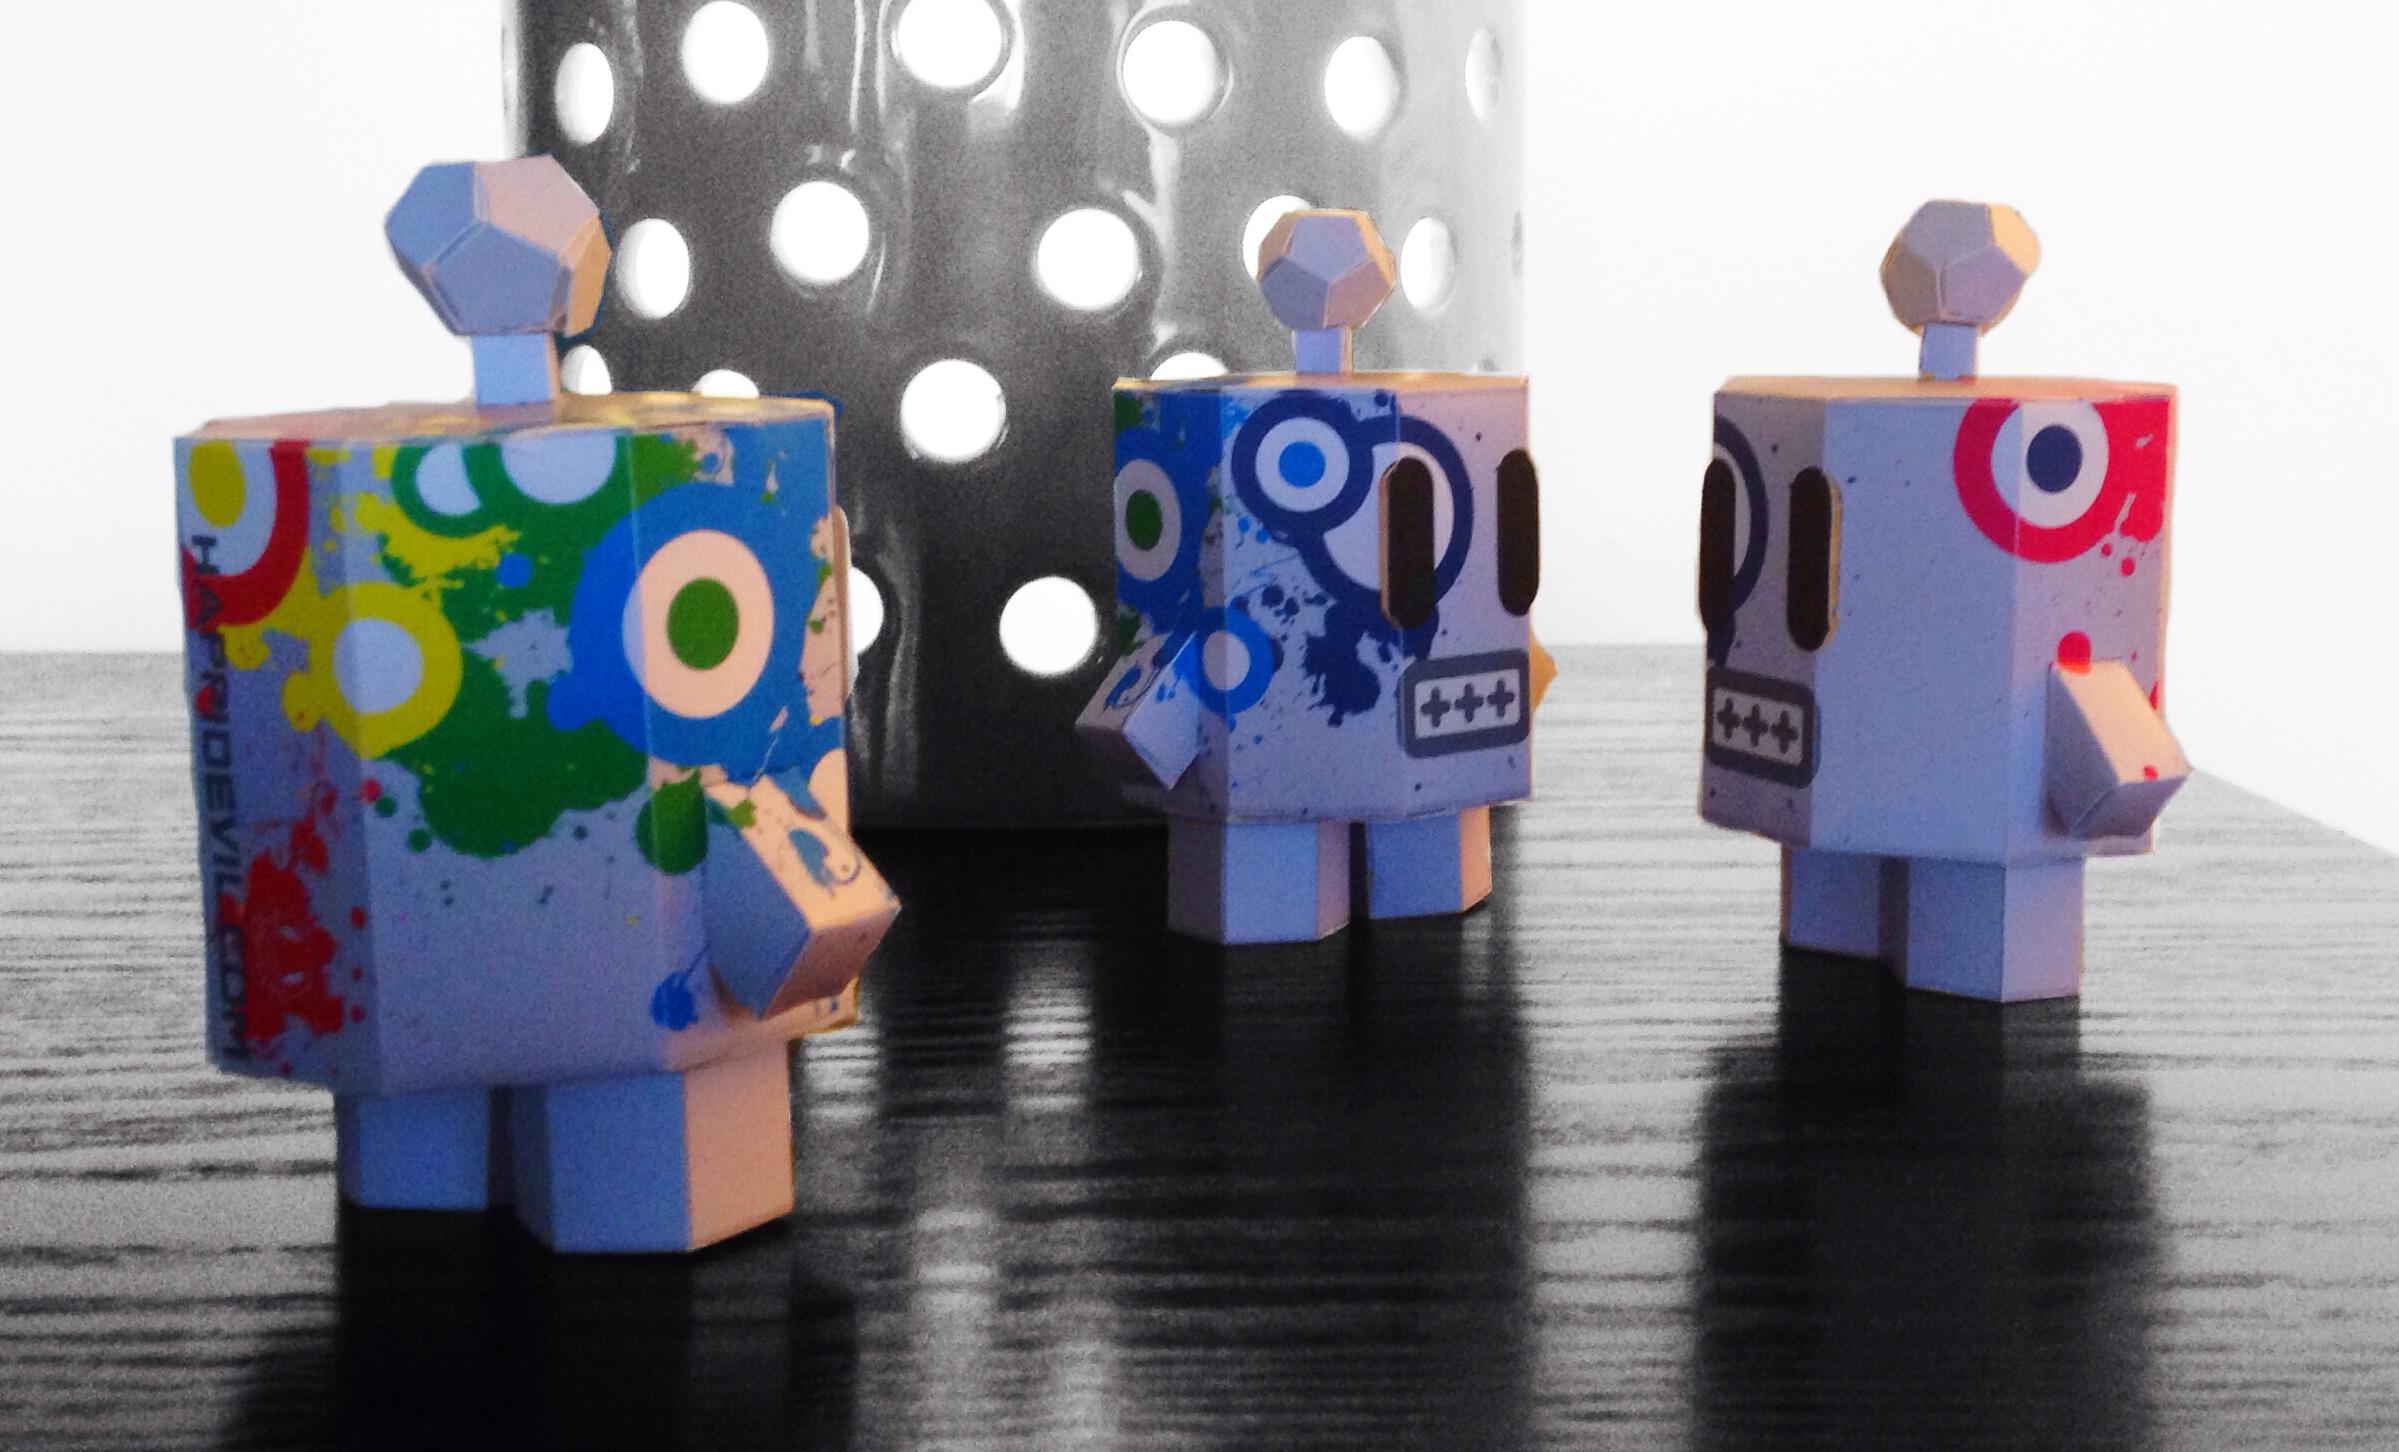 Mr Roboto Graffiti Pride